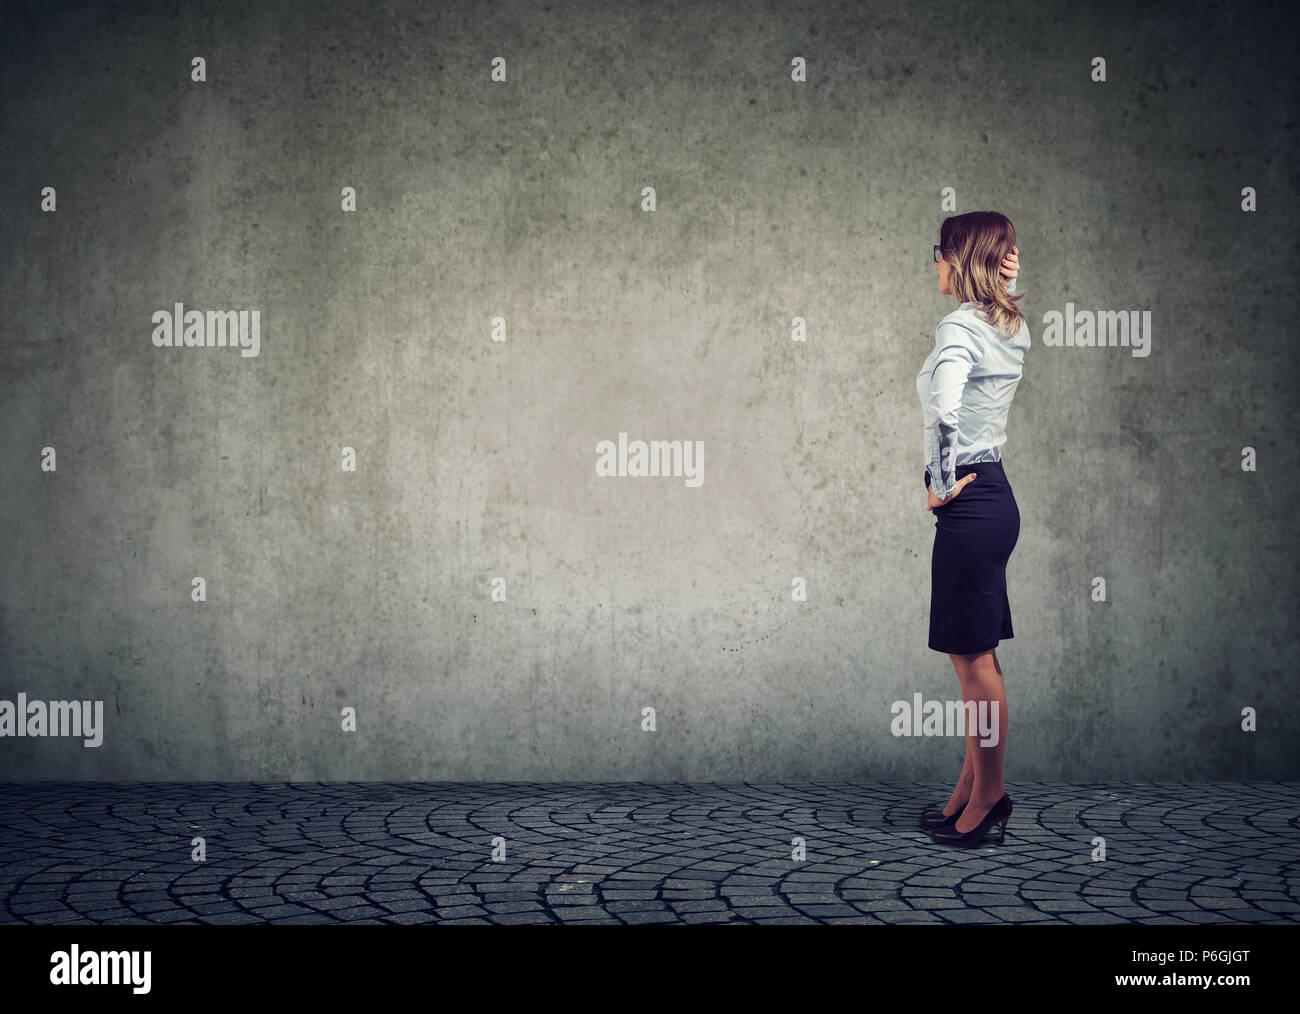 Vista lateral de la empresaria de pie en frente de la pared gris y contemplar en un esfuerzo para resolver el problema Imagen De Stock